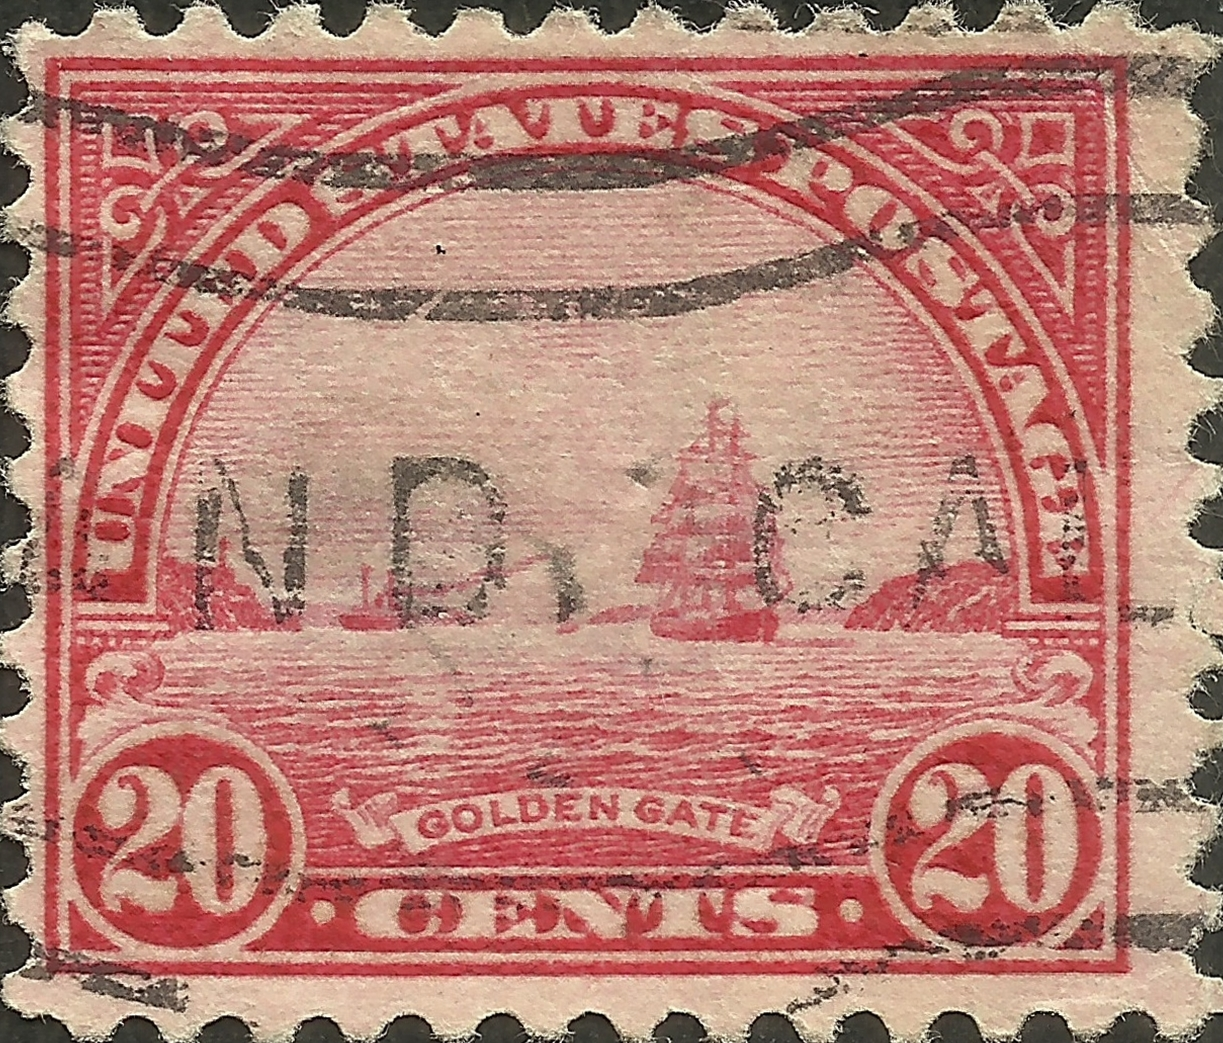 United States - Scott #567 (1923)